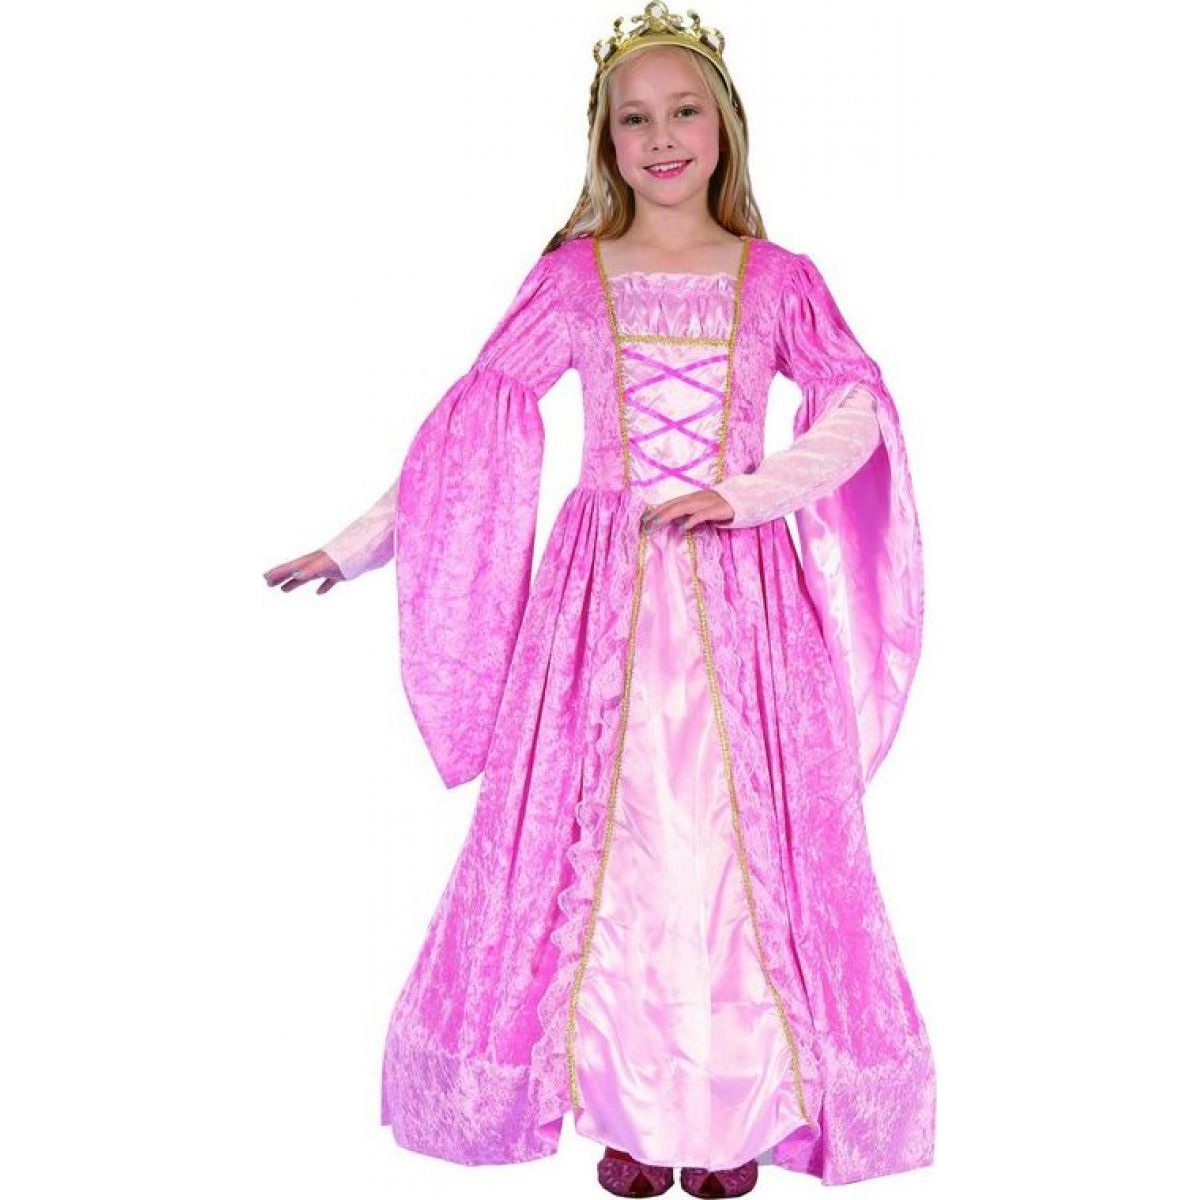 Dětský karnevalový kostým Princezna 120-130 cm